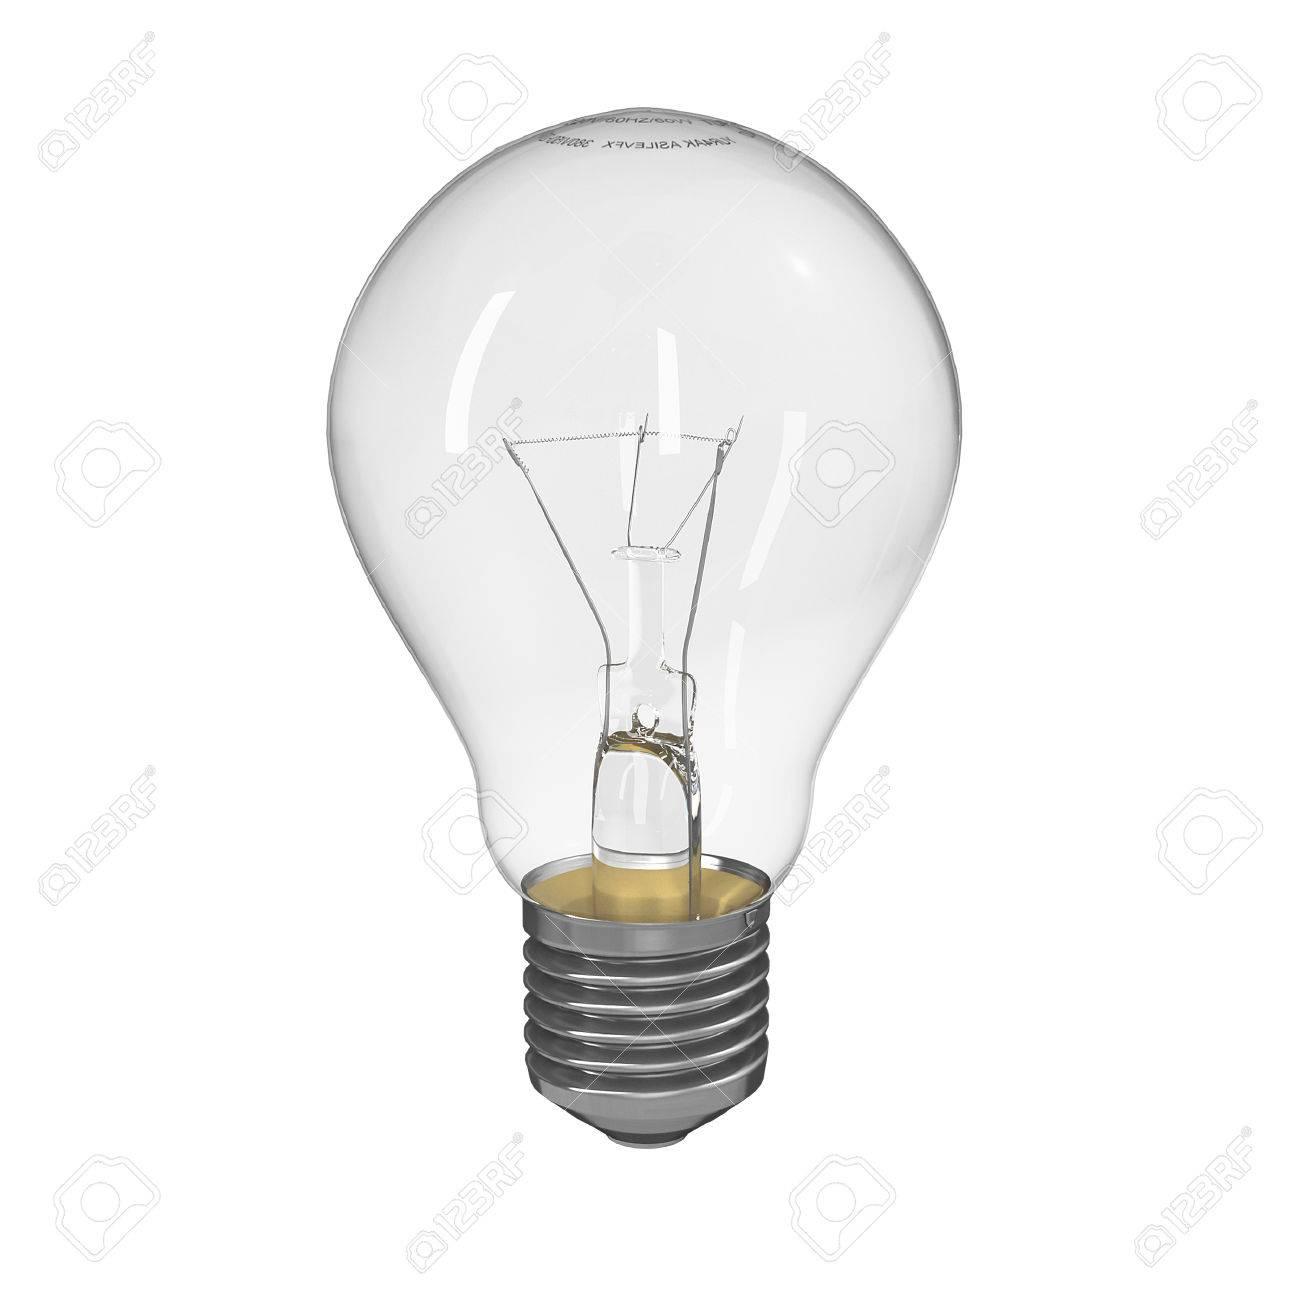 Lampada ad incandescenza attraverso un diodo. Sulla fornitura di lampadine elettriche attraverso un diodo 66